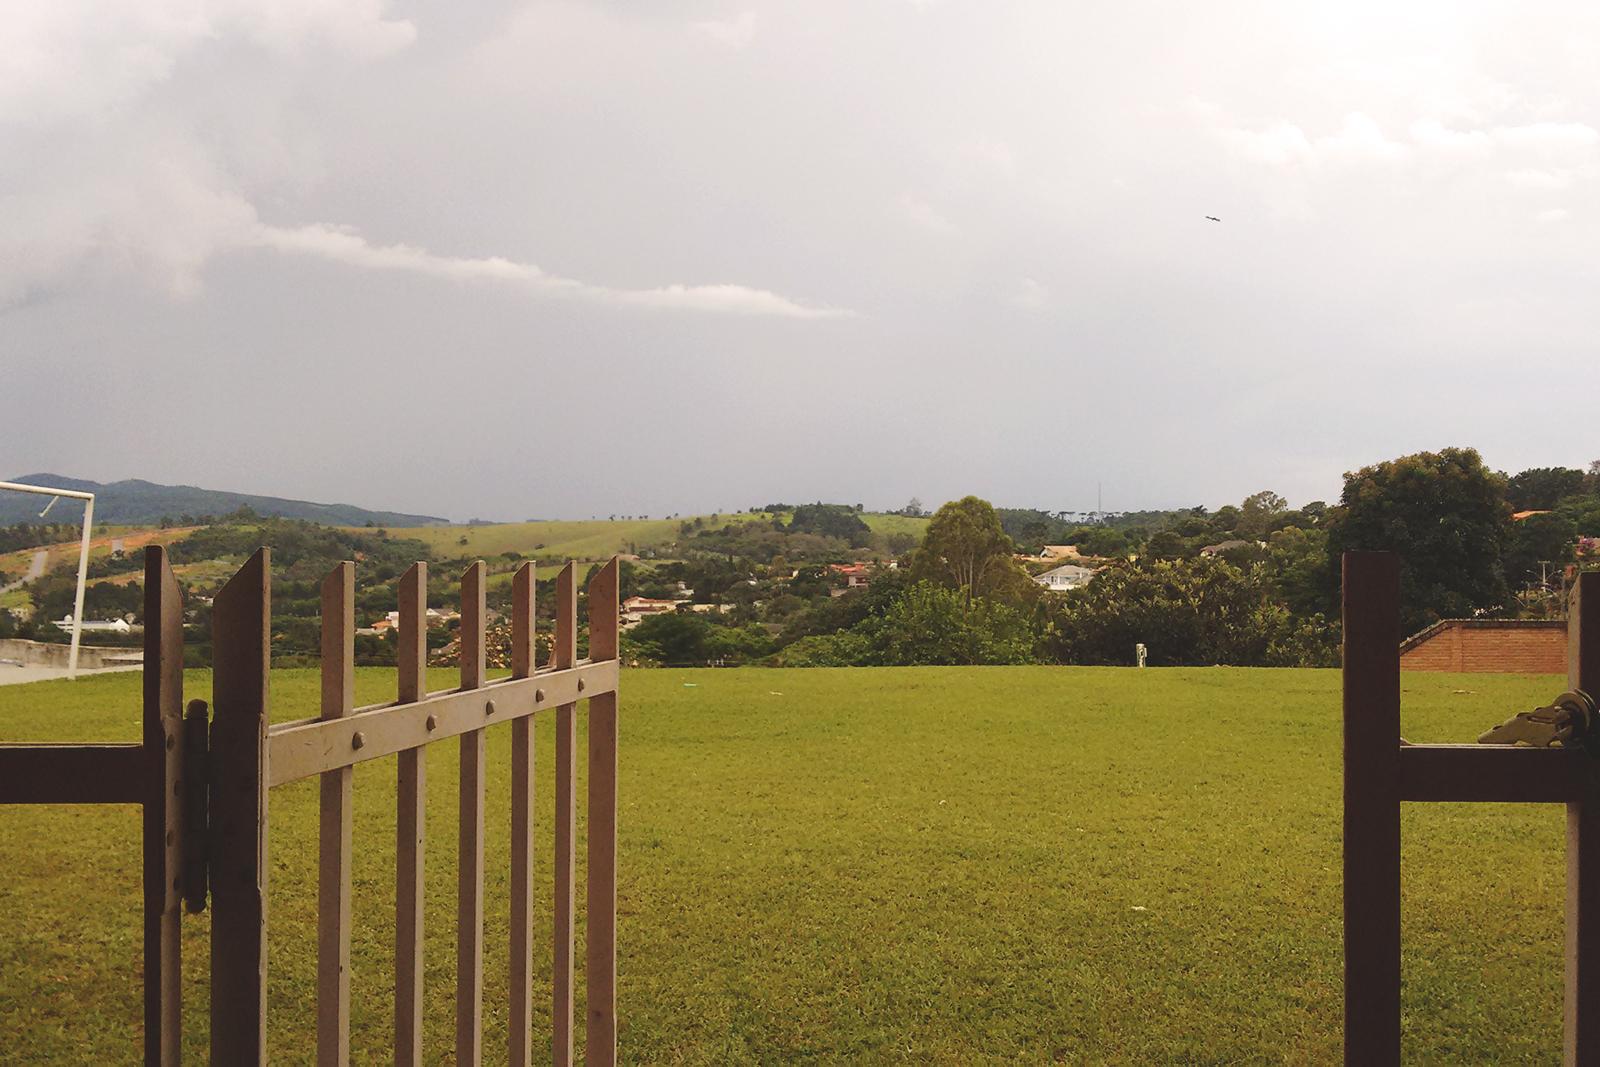 porta da cerca para o campo de futebol